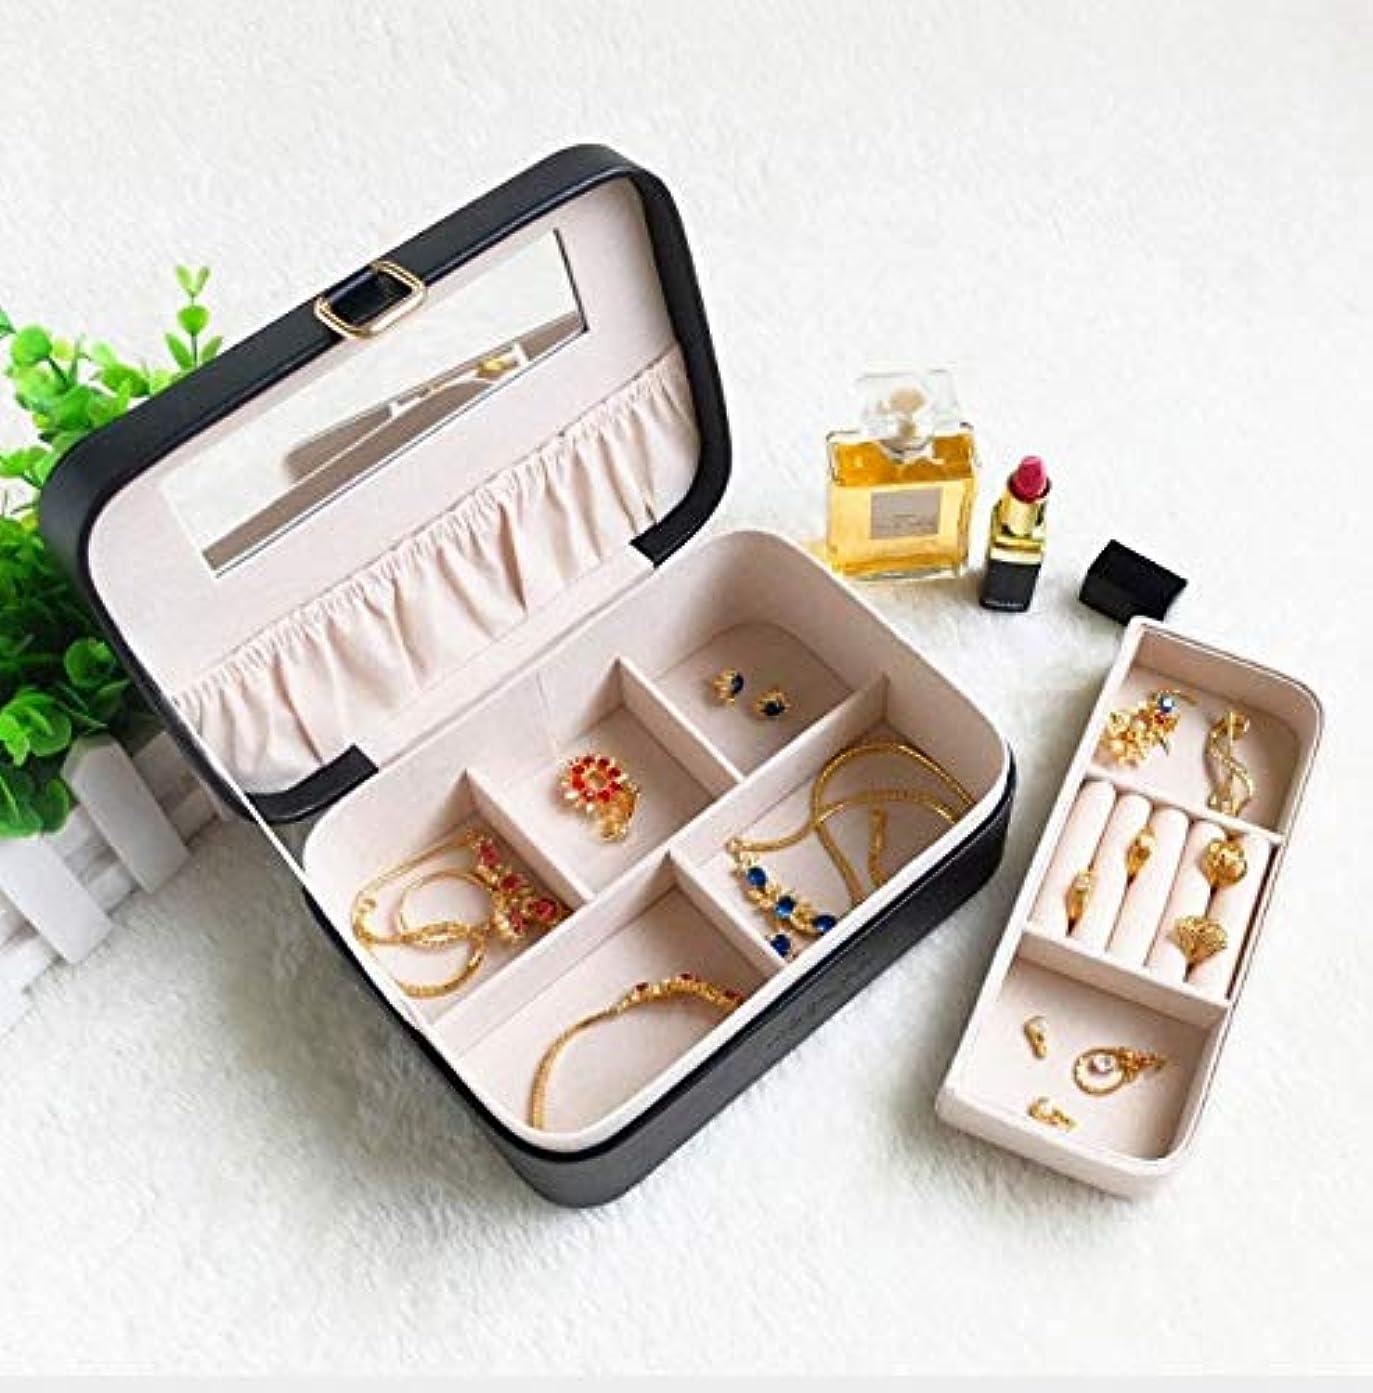 太いガードランドリー化粧箱、レトロ化粧品防水ミラー化粧ケース、ポータブルトラベル化粧品バッグ収納袋、美容ジュエリー収納ボックス (Color : ブラック)